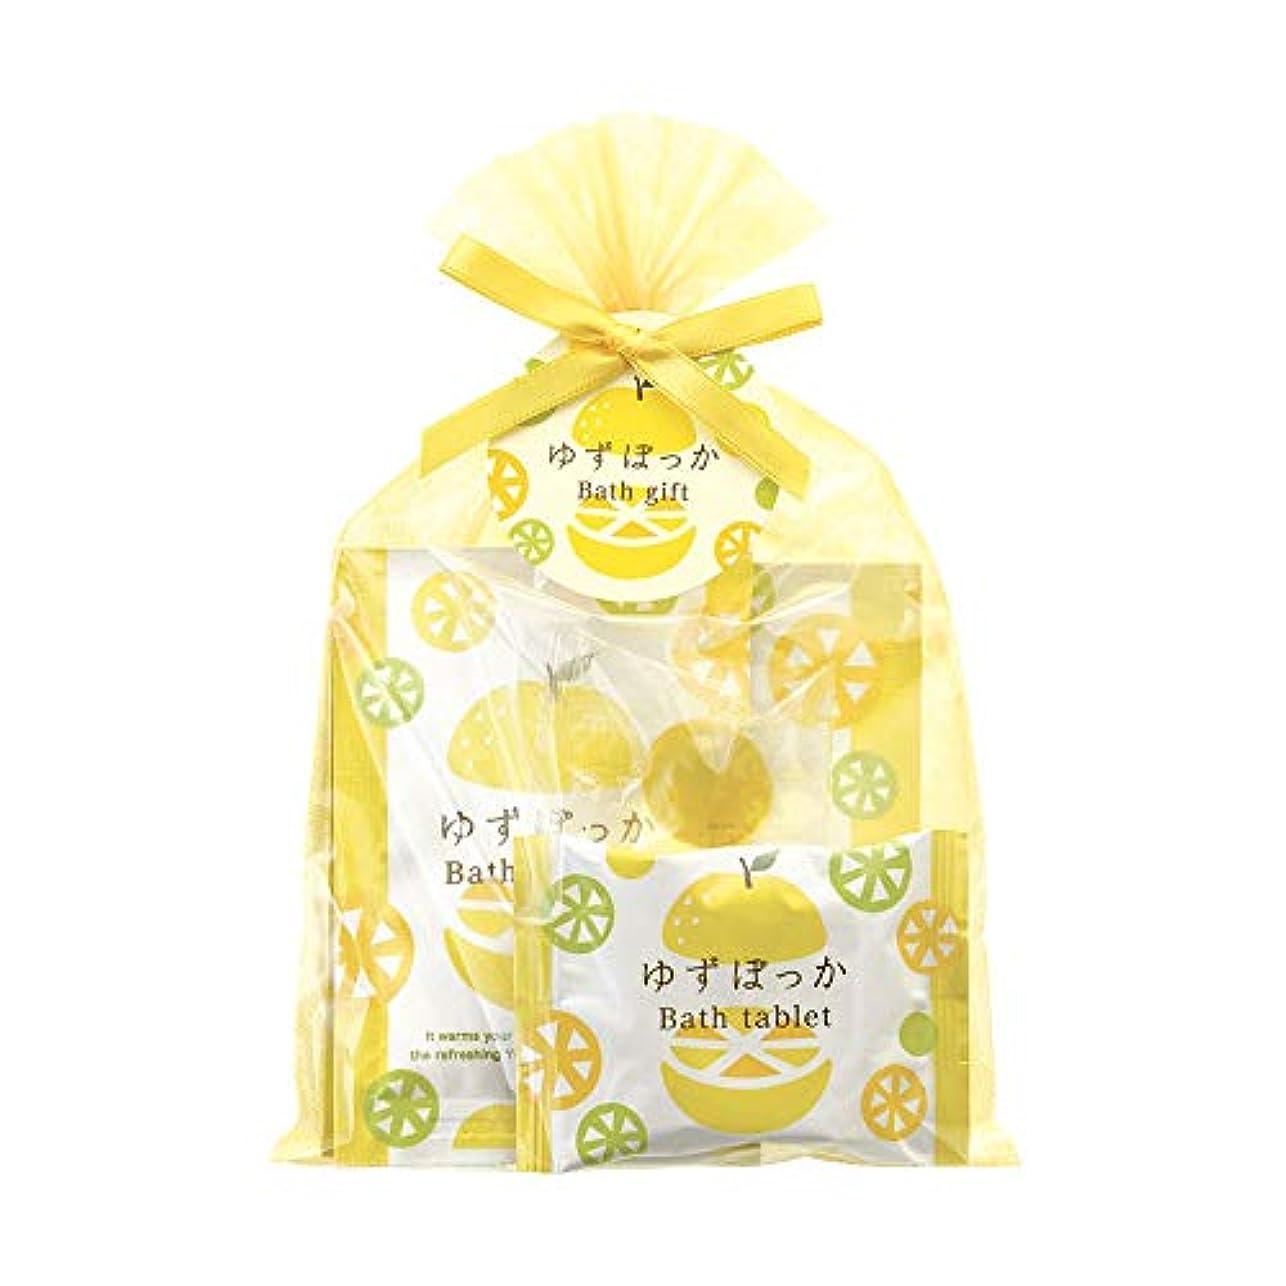 ペインティング器官六月ゆずぽっか 巾着包み 入浴剤 ゆずの香り セット 1セット